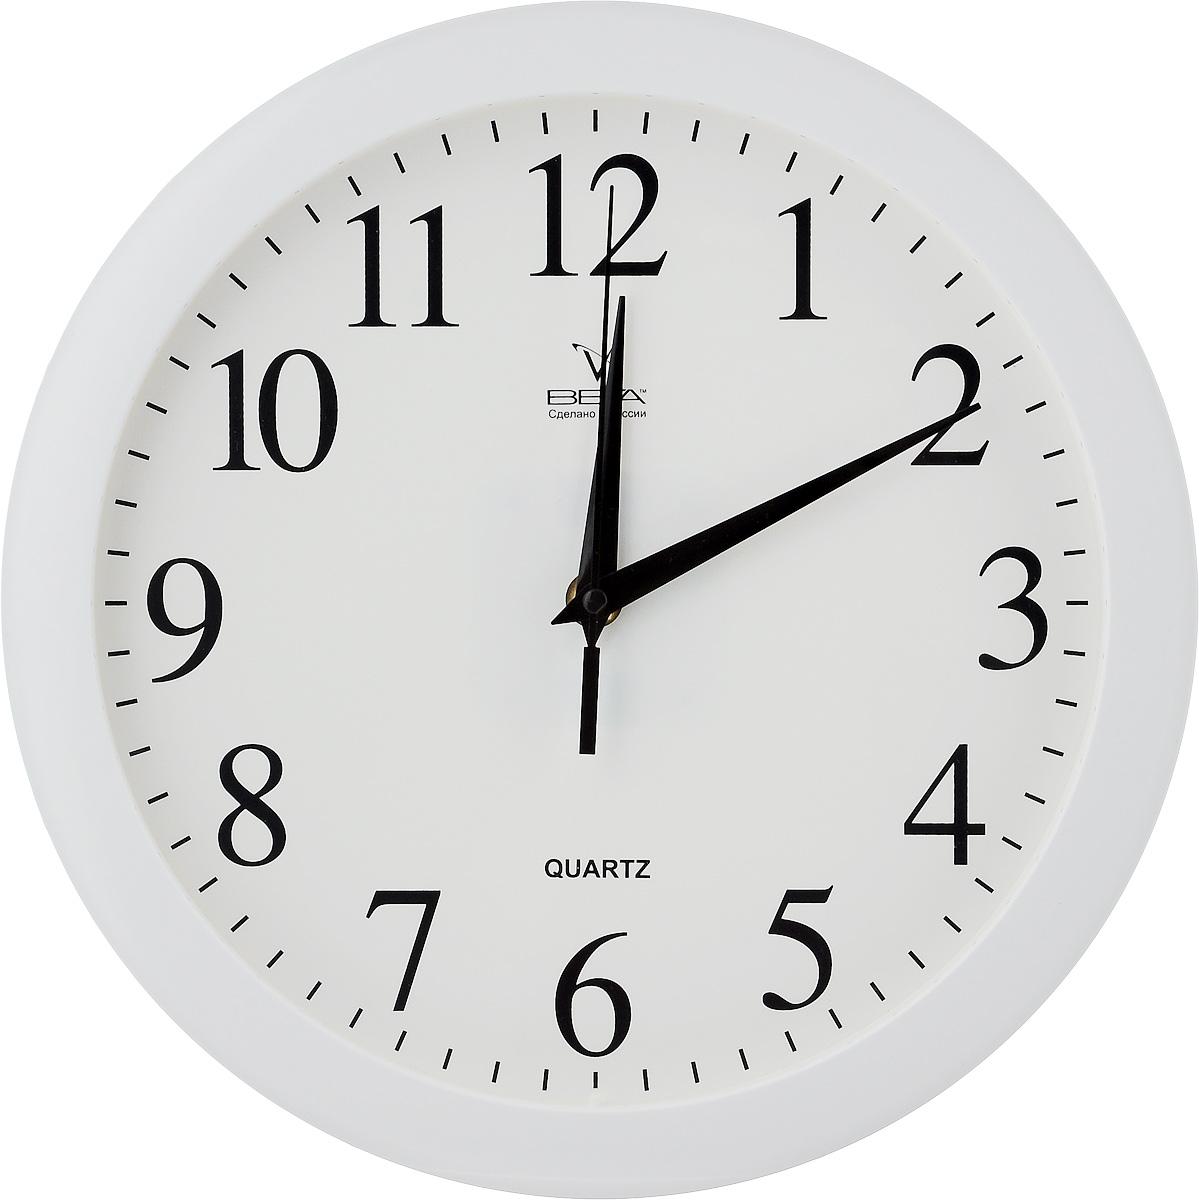 Часы настенные Вега Классика, цвет: белый, диаметр 28,5 см. П1-754 009305Настенные кварцевые часы Вега Классика, изготовленные из пластика, прекрасно впишутся в интерьер вашего дома. Круглые часы имеют три стрелки: часовую, минутную и секундную, циферблат защищен прозрачным стеклом. Часы работают от 1 батарейки типа АА напряжением 1,5 В (не входит в комплект). Диаметр часов: 28,5 см.